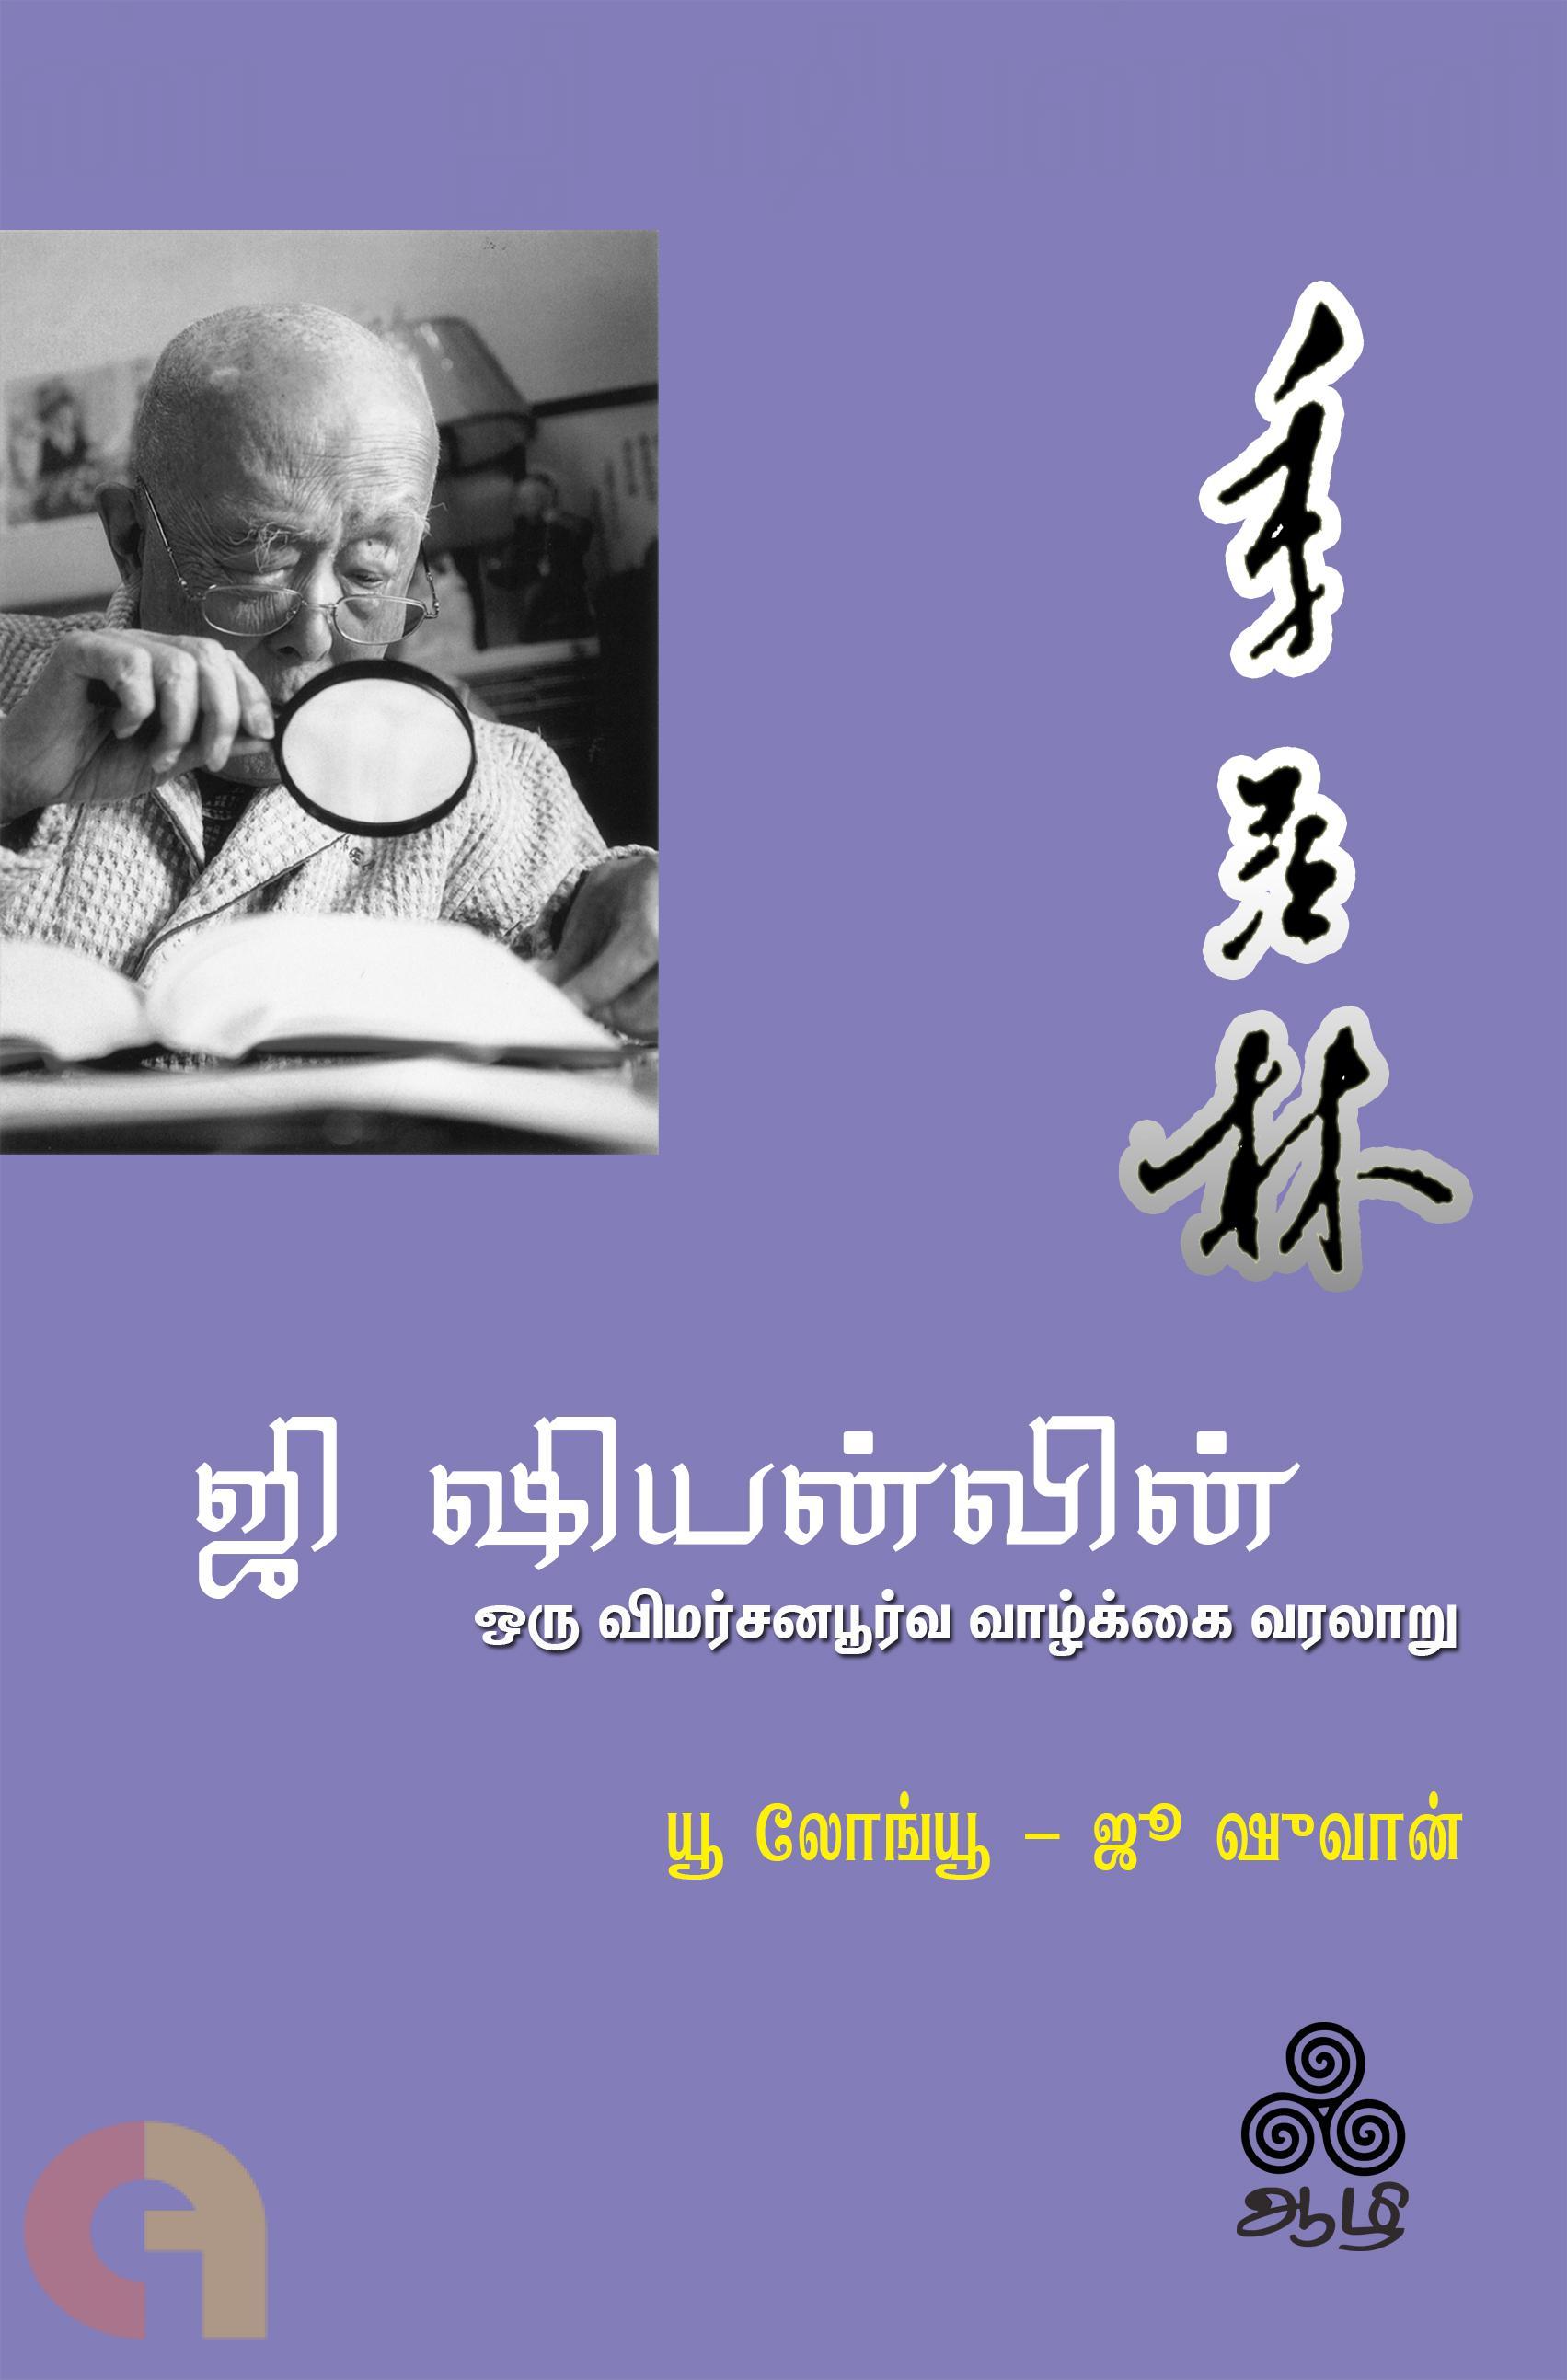 ஜி ஷியன்லின்: ஒரு விமர்சனபூர்வ வாழ்க்கை வரலாறு